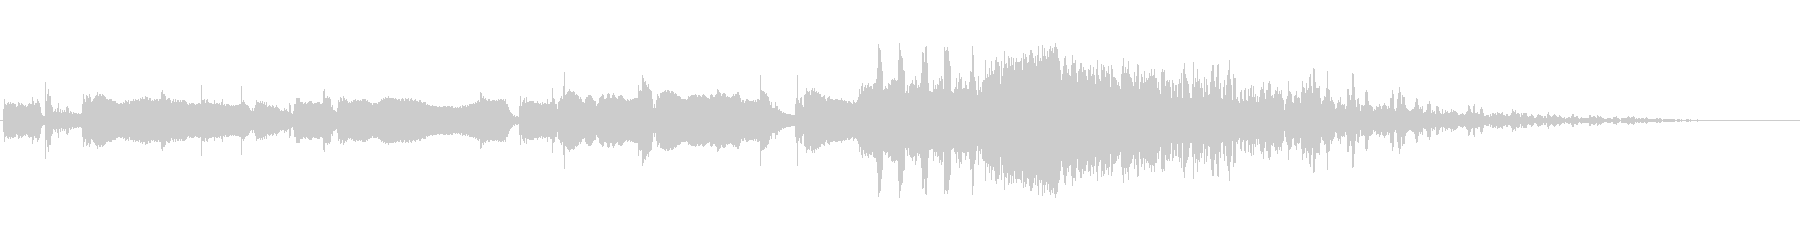 ウェイクアップブラームスIDベッド3の未再生の波形